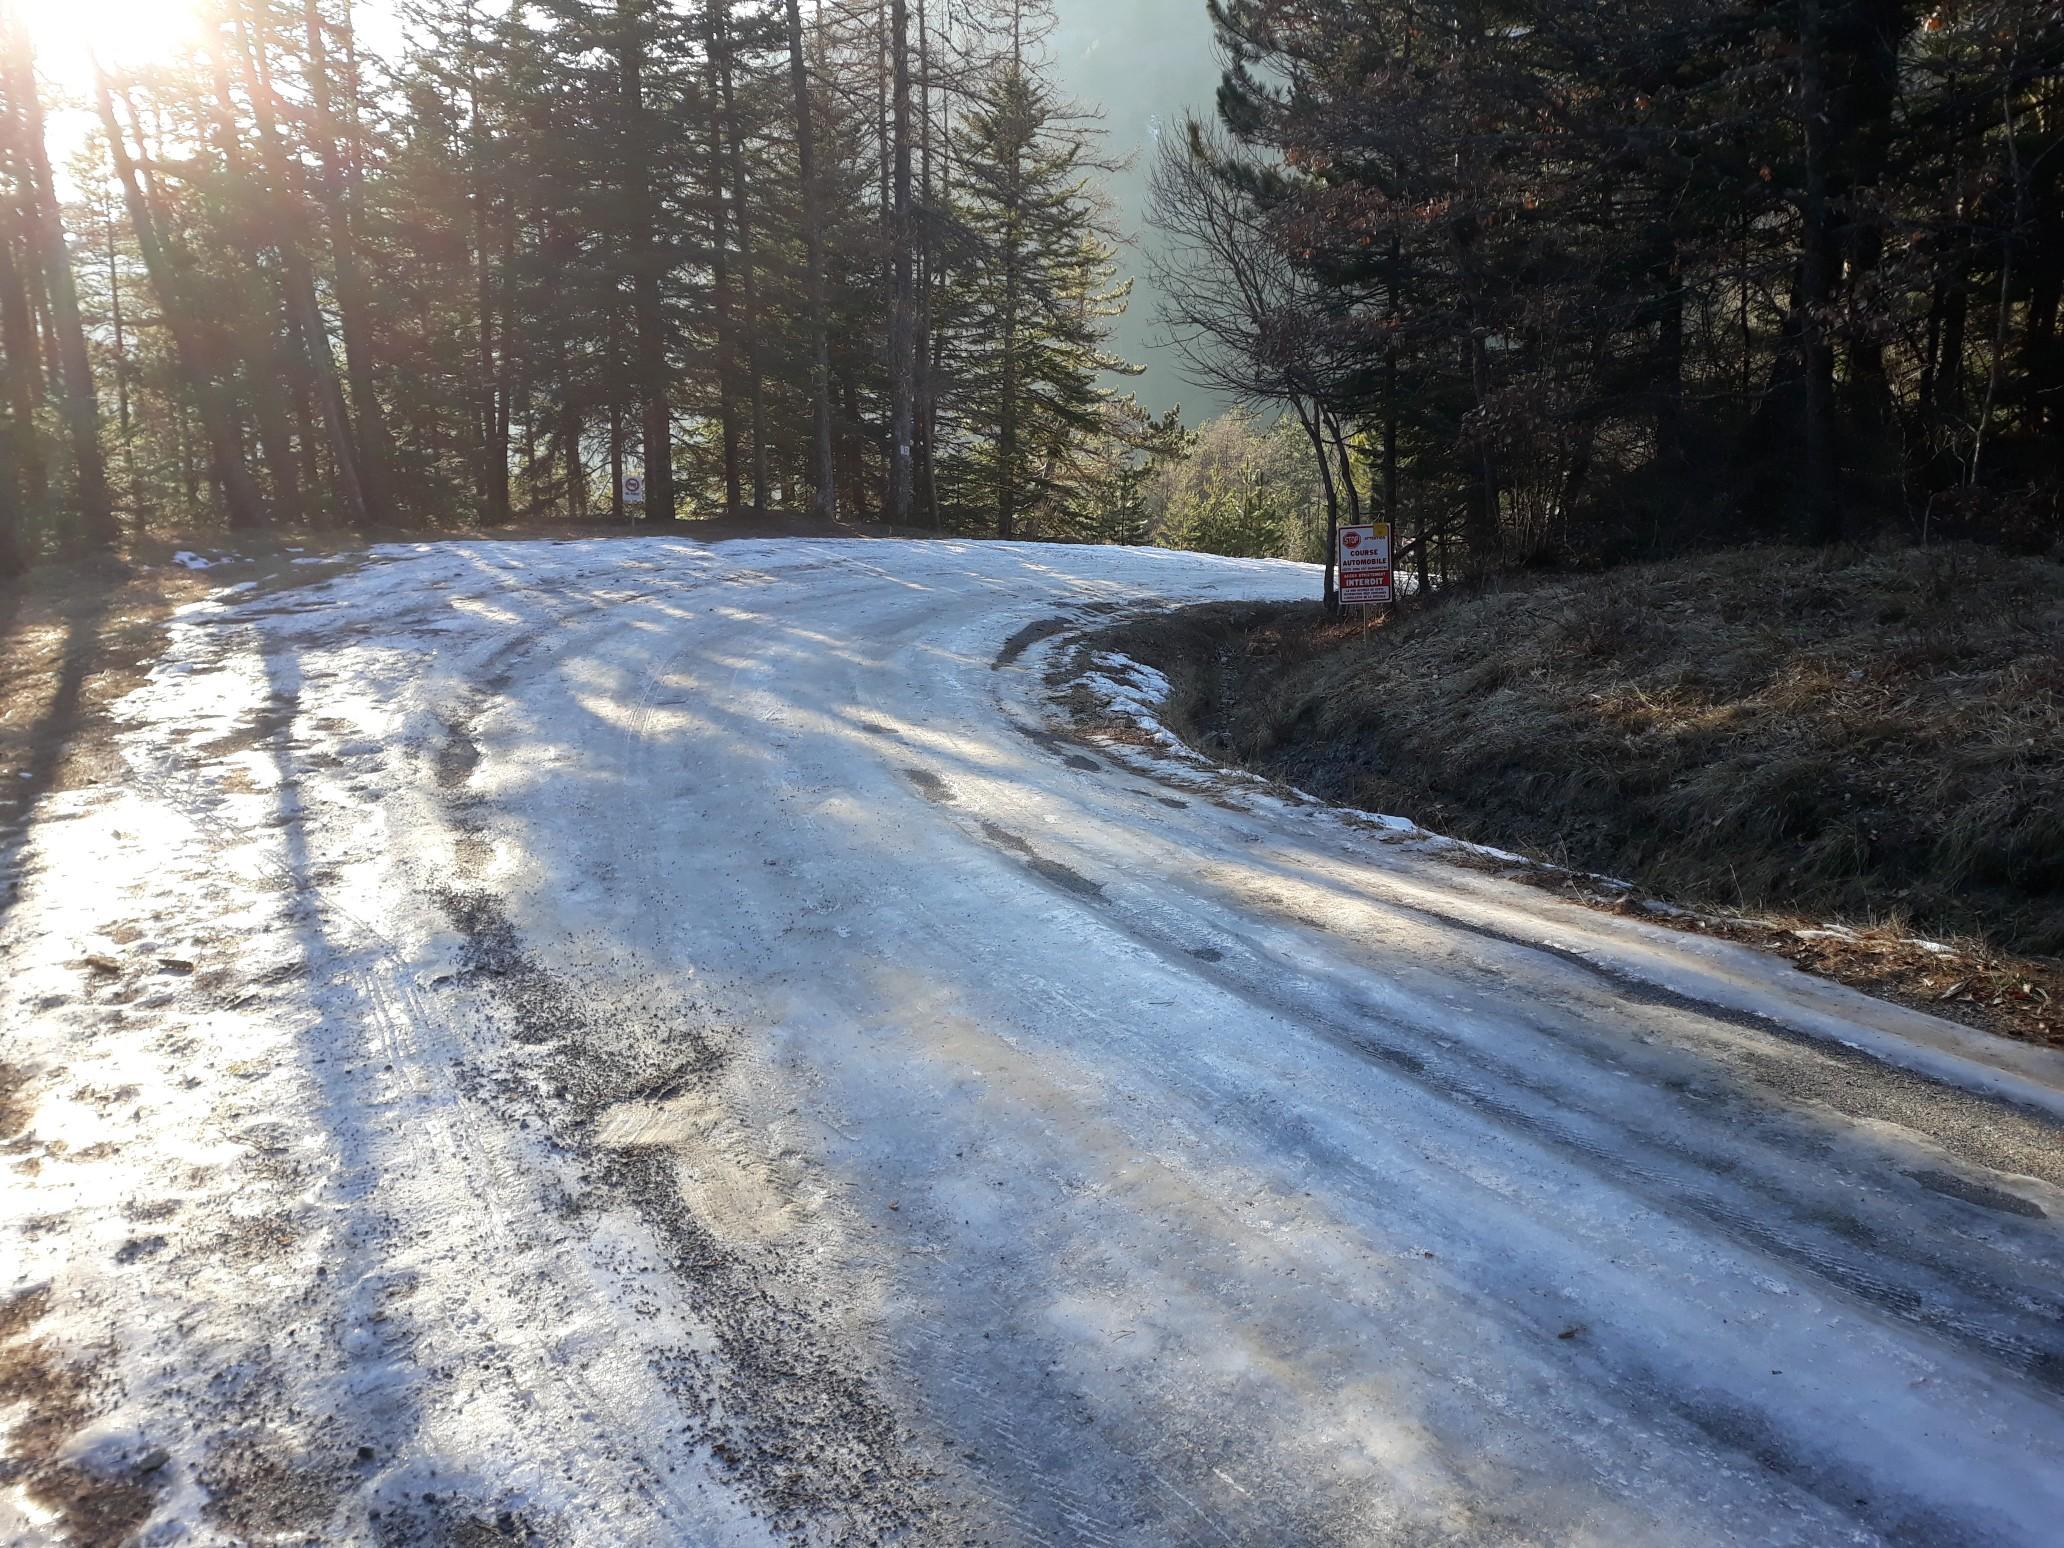 WRC: 87º Rallye Automobile de Monte-Carlo [22-27 de Enero] - Página 5 Post-5113-0-36266700-1548175389